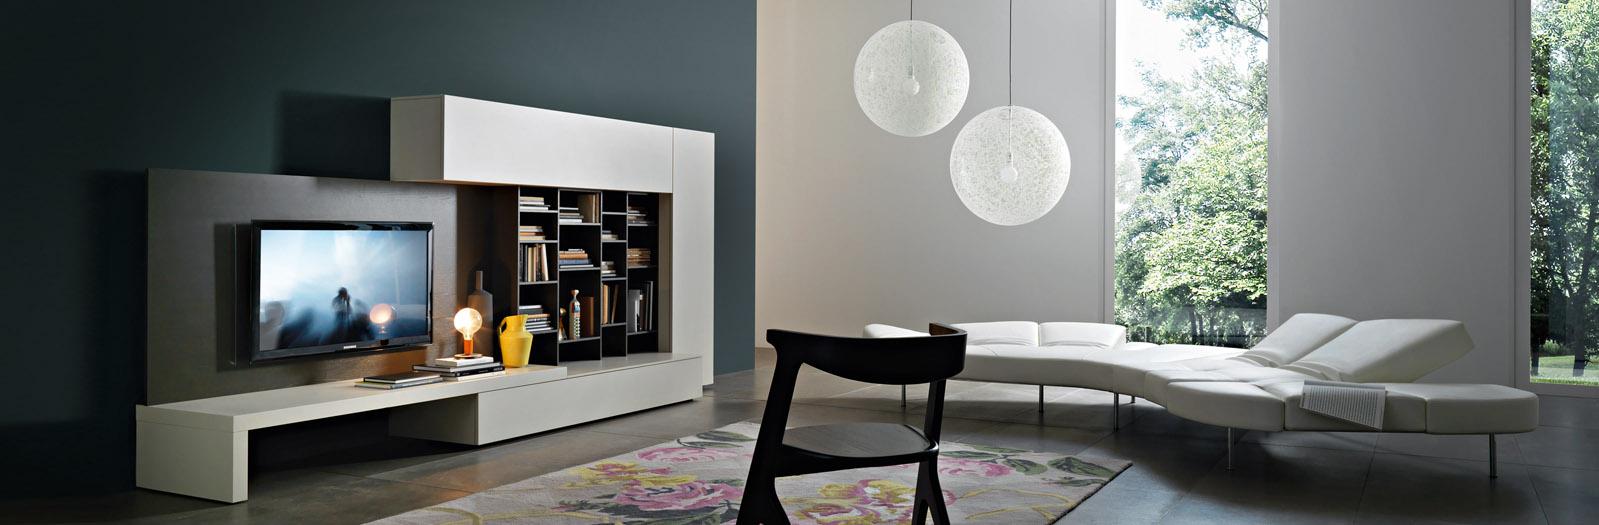 Domus arredi Archives - Non solo Mobili: cucina, soggiorno e camera